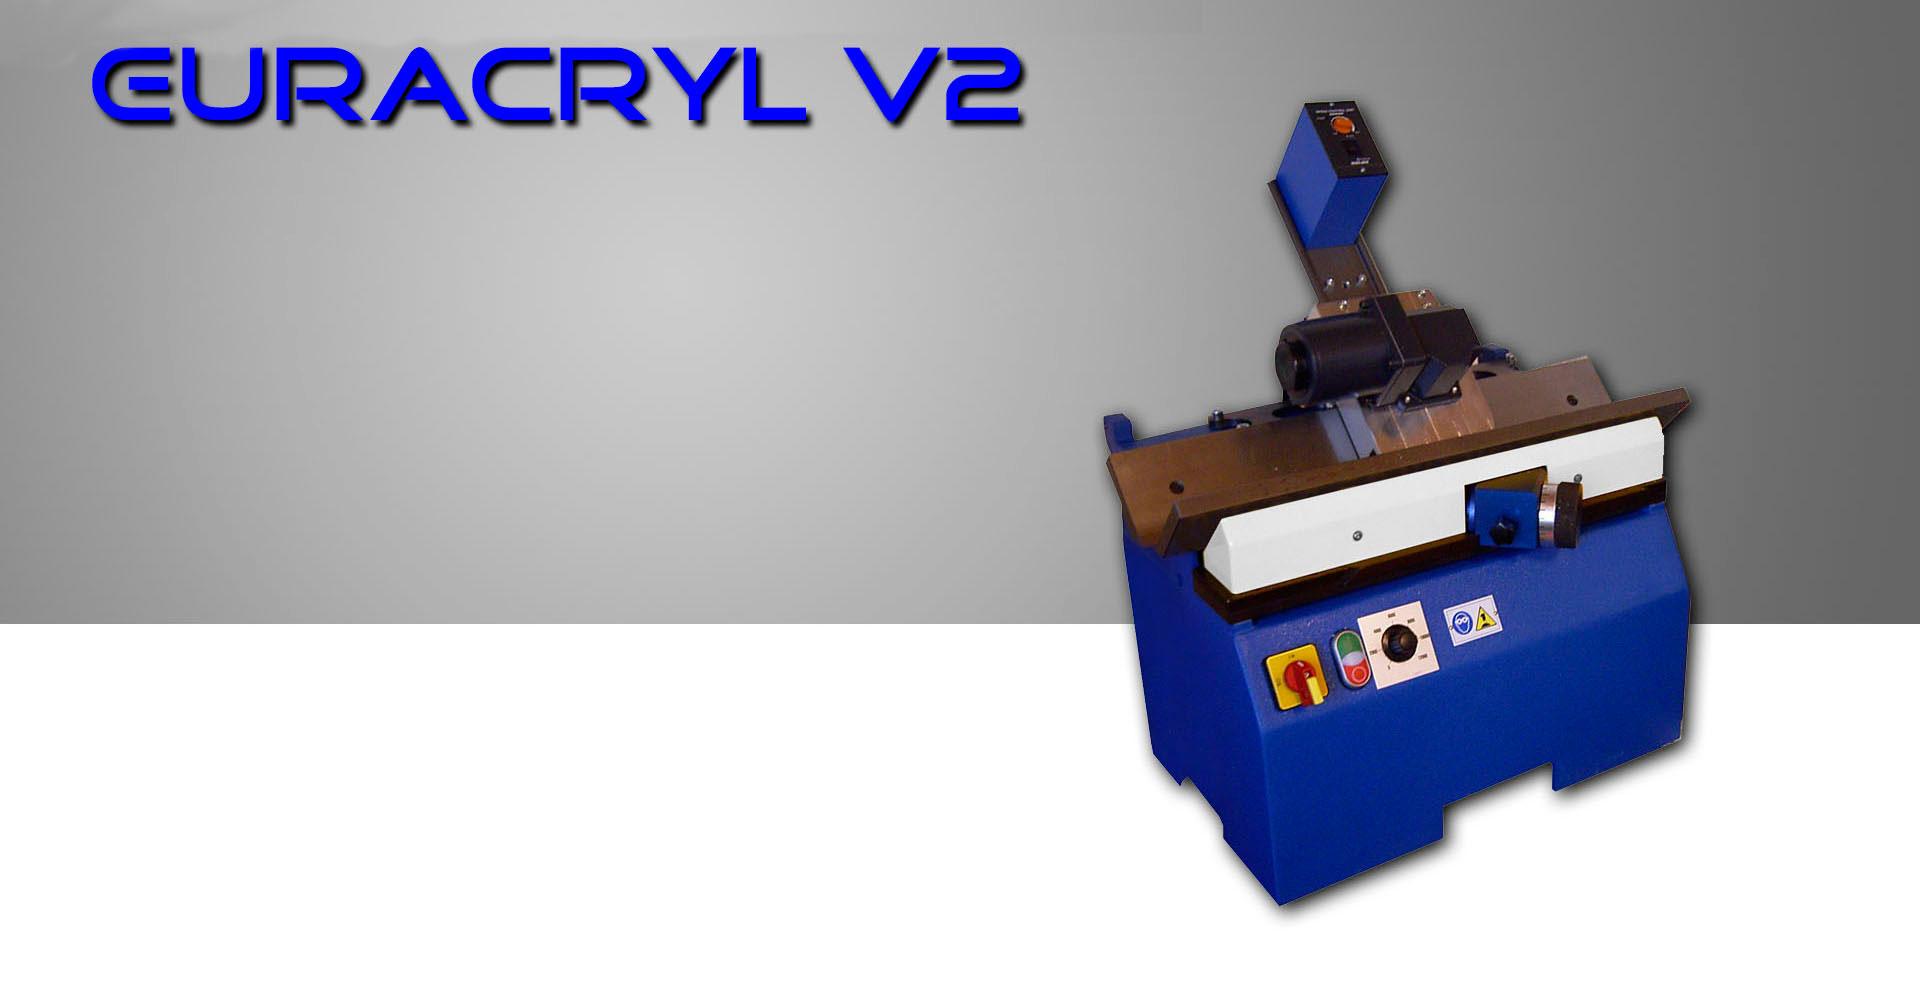 Pulidora biseladora V2 euracryl